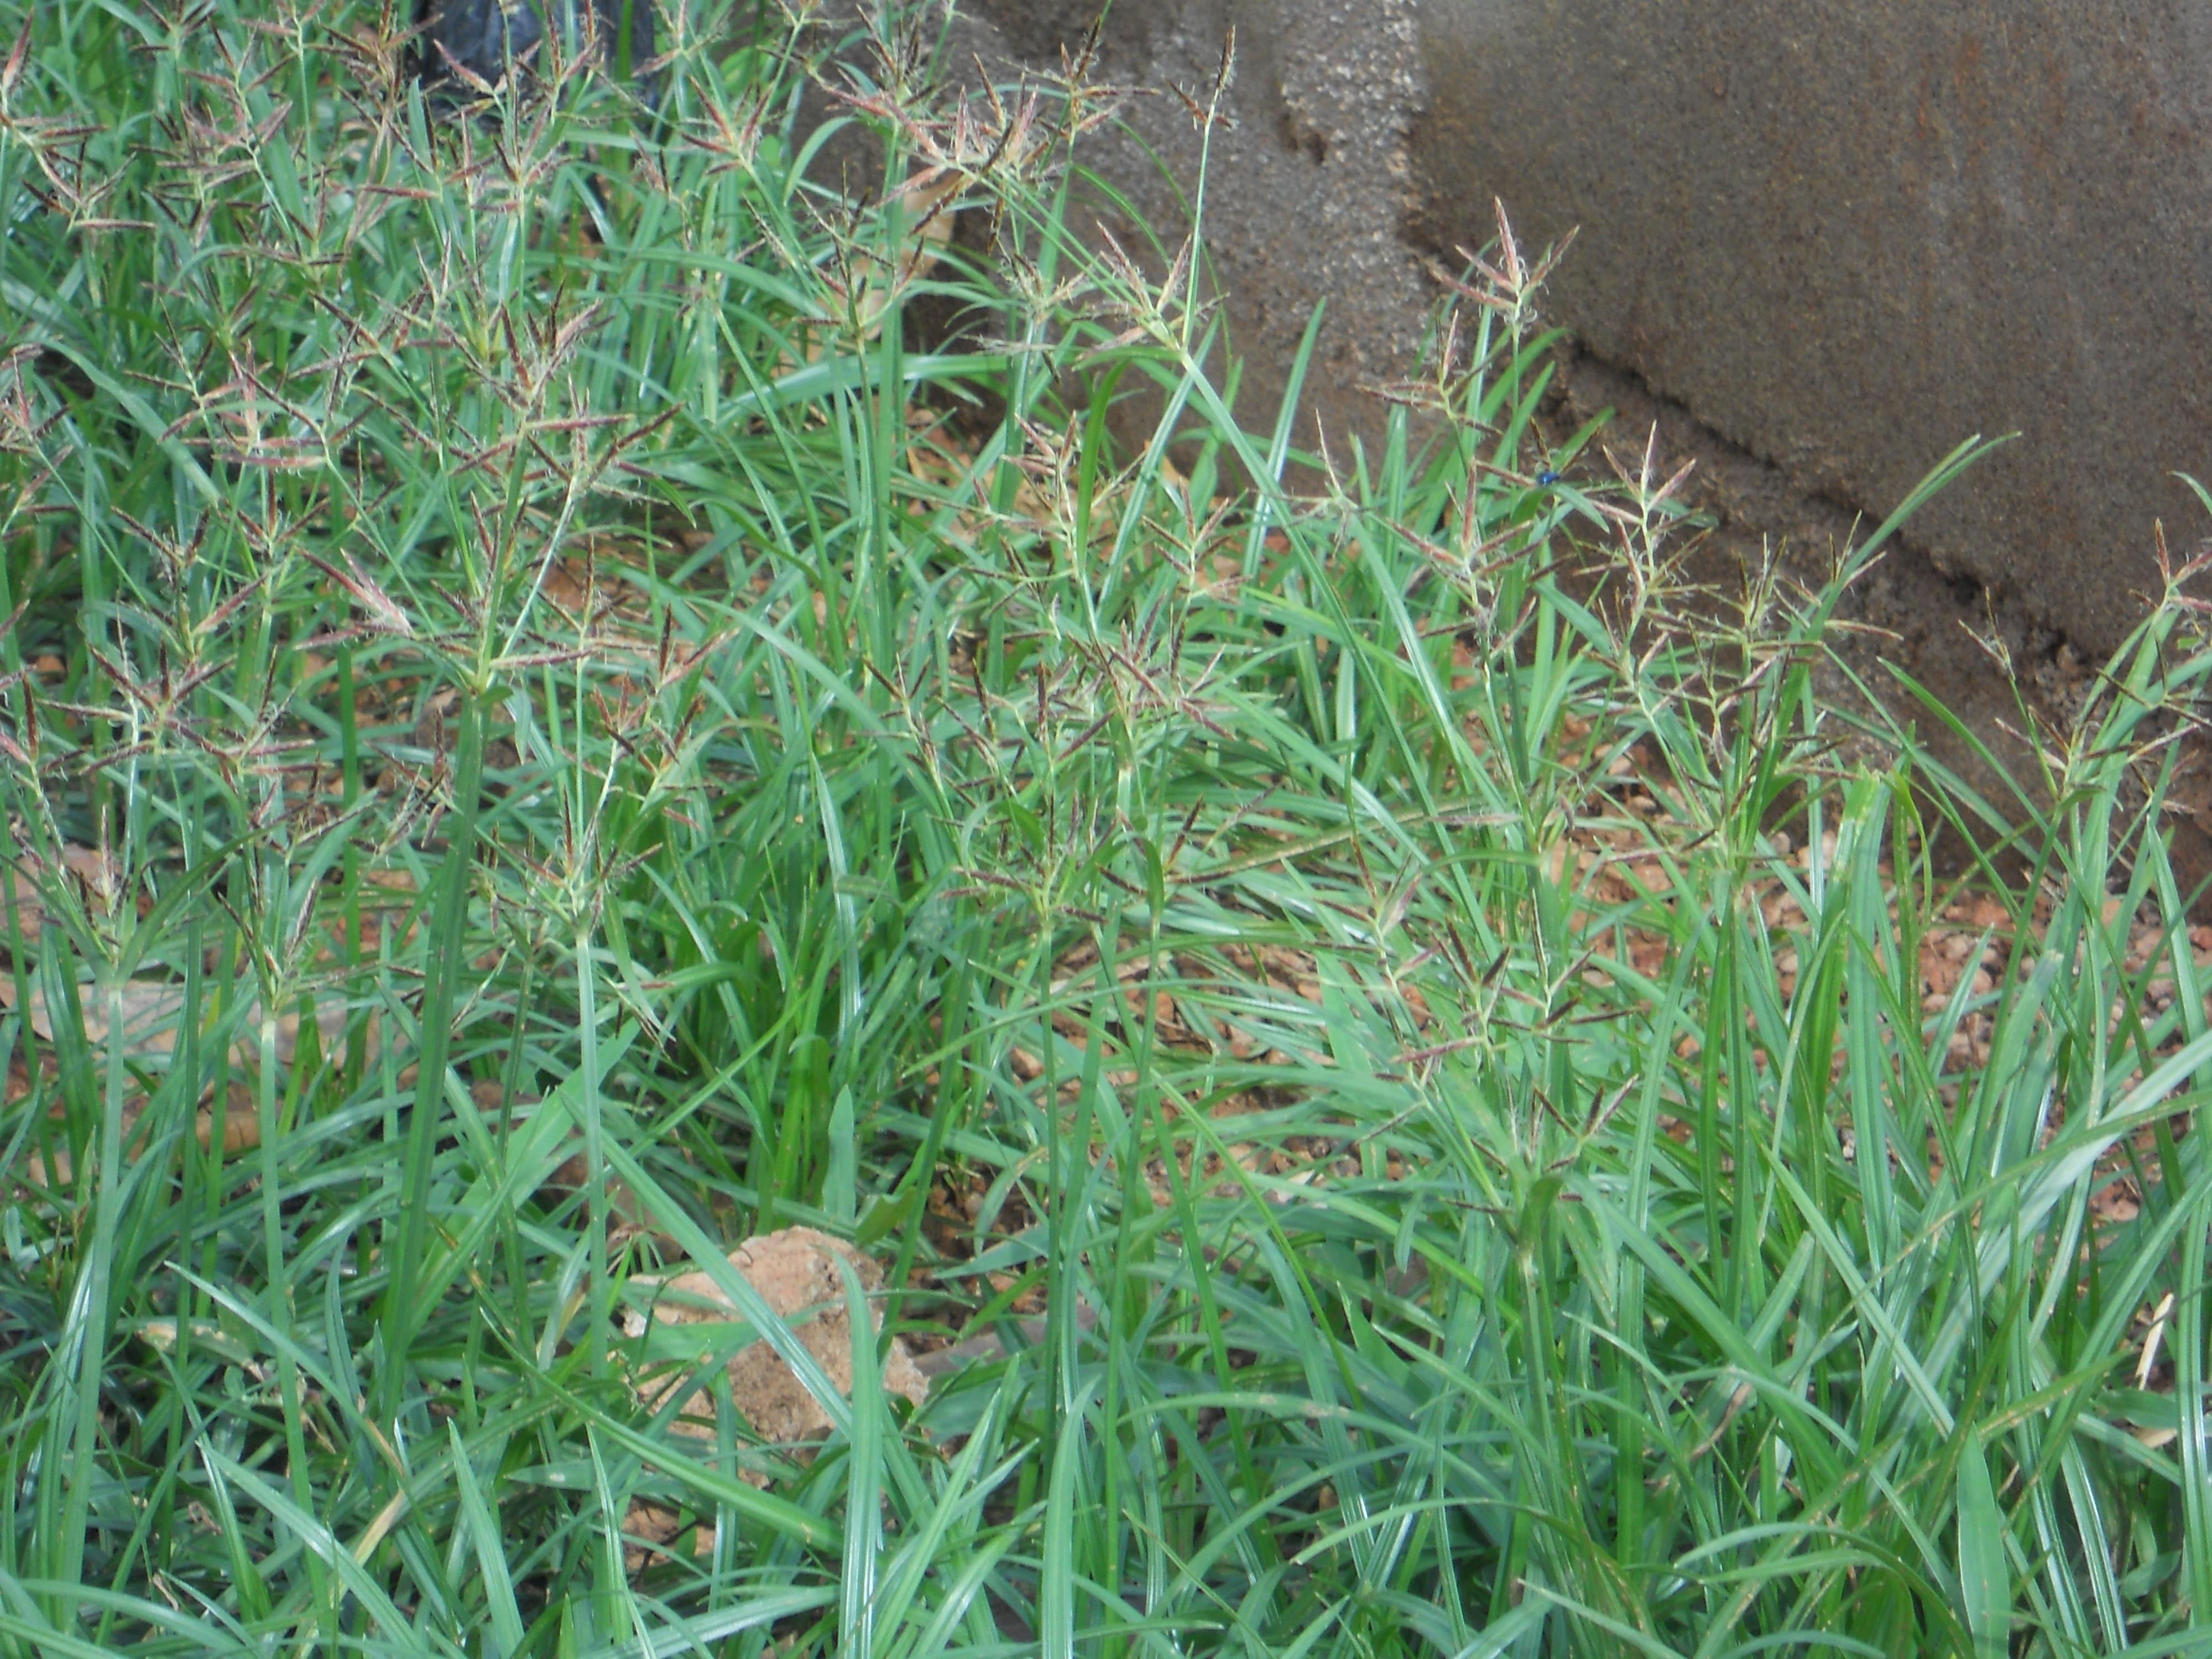 路傍に生育する開花期の成植物